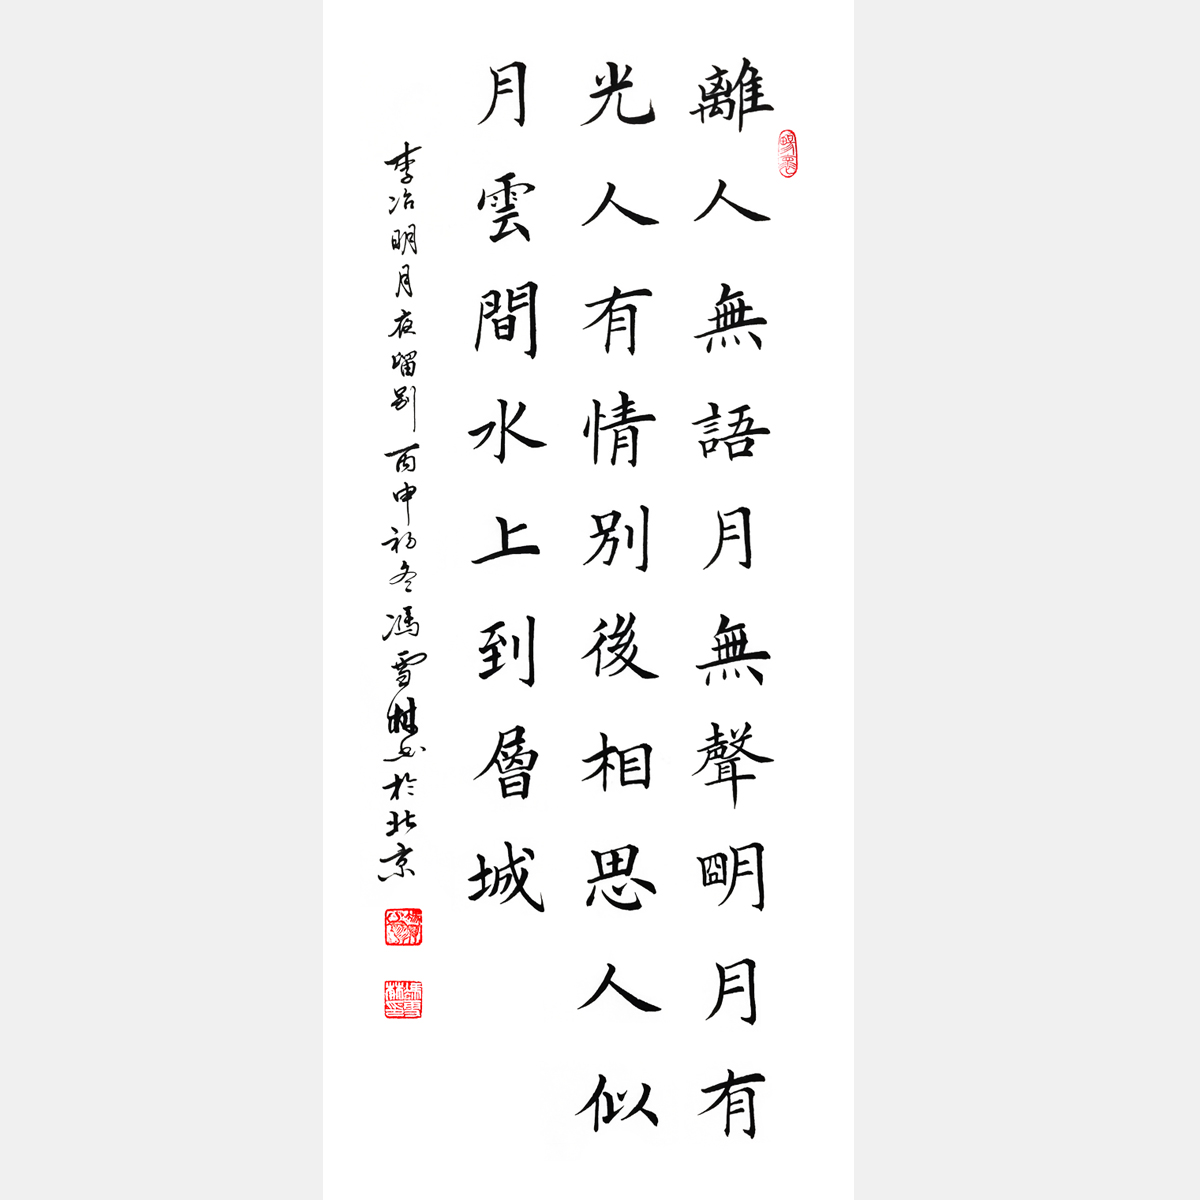 唐代女诗人李治《明月夜留别》